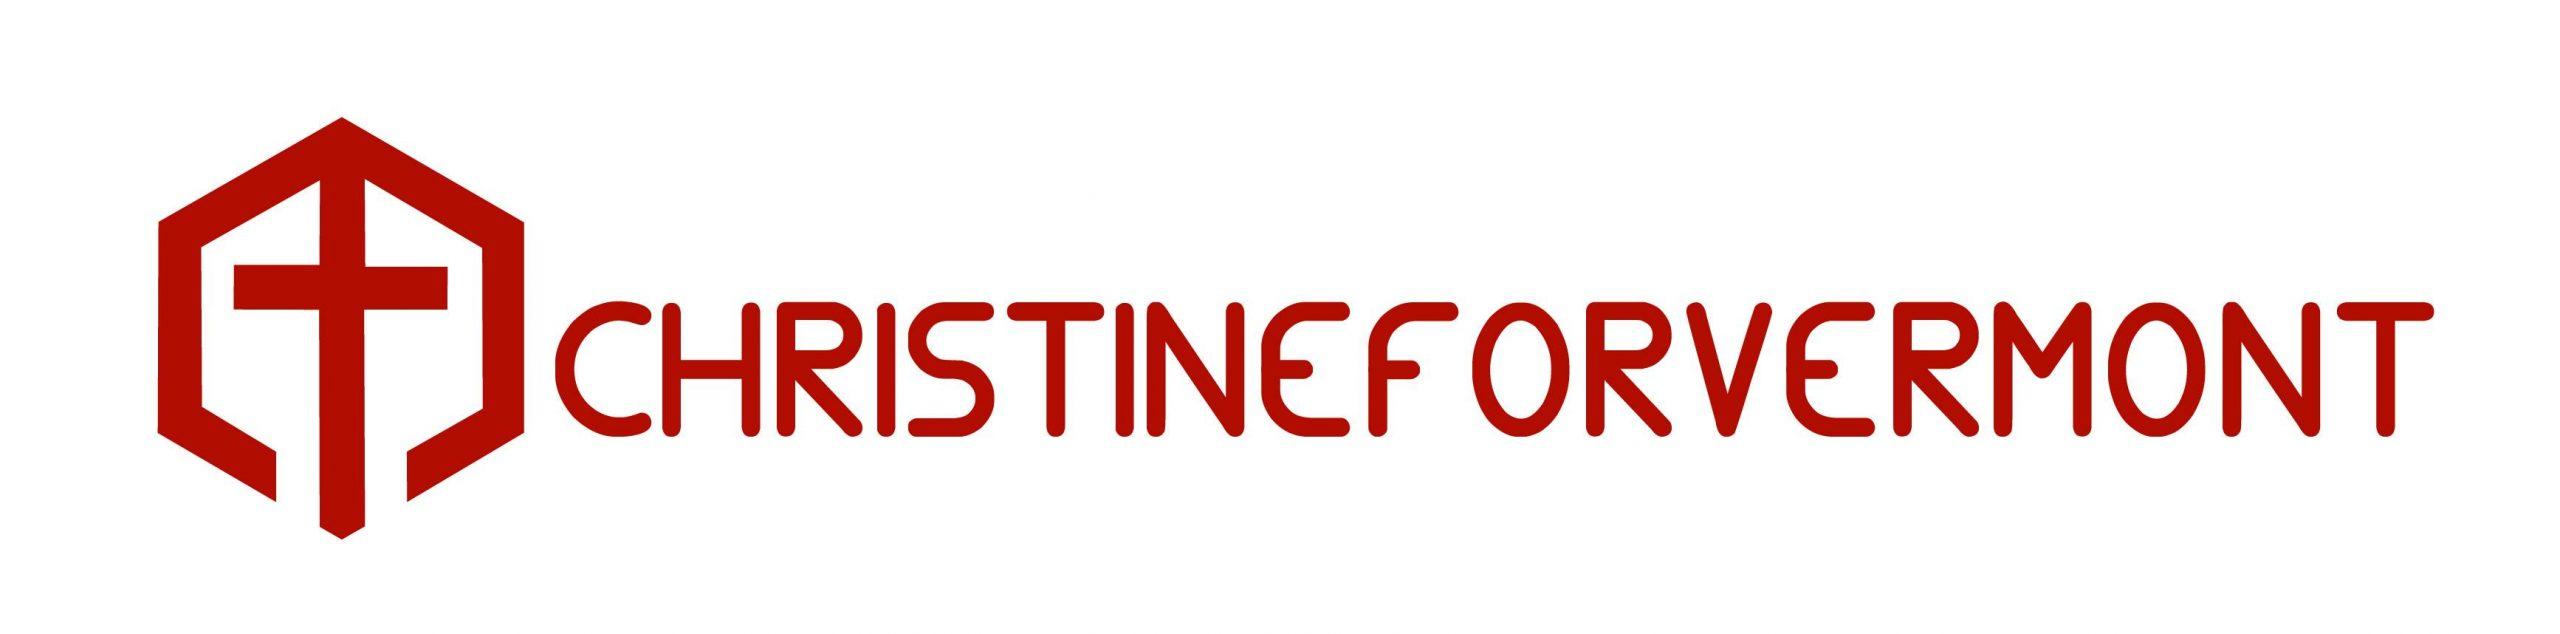 ChristineforVermont